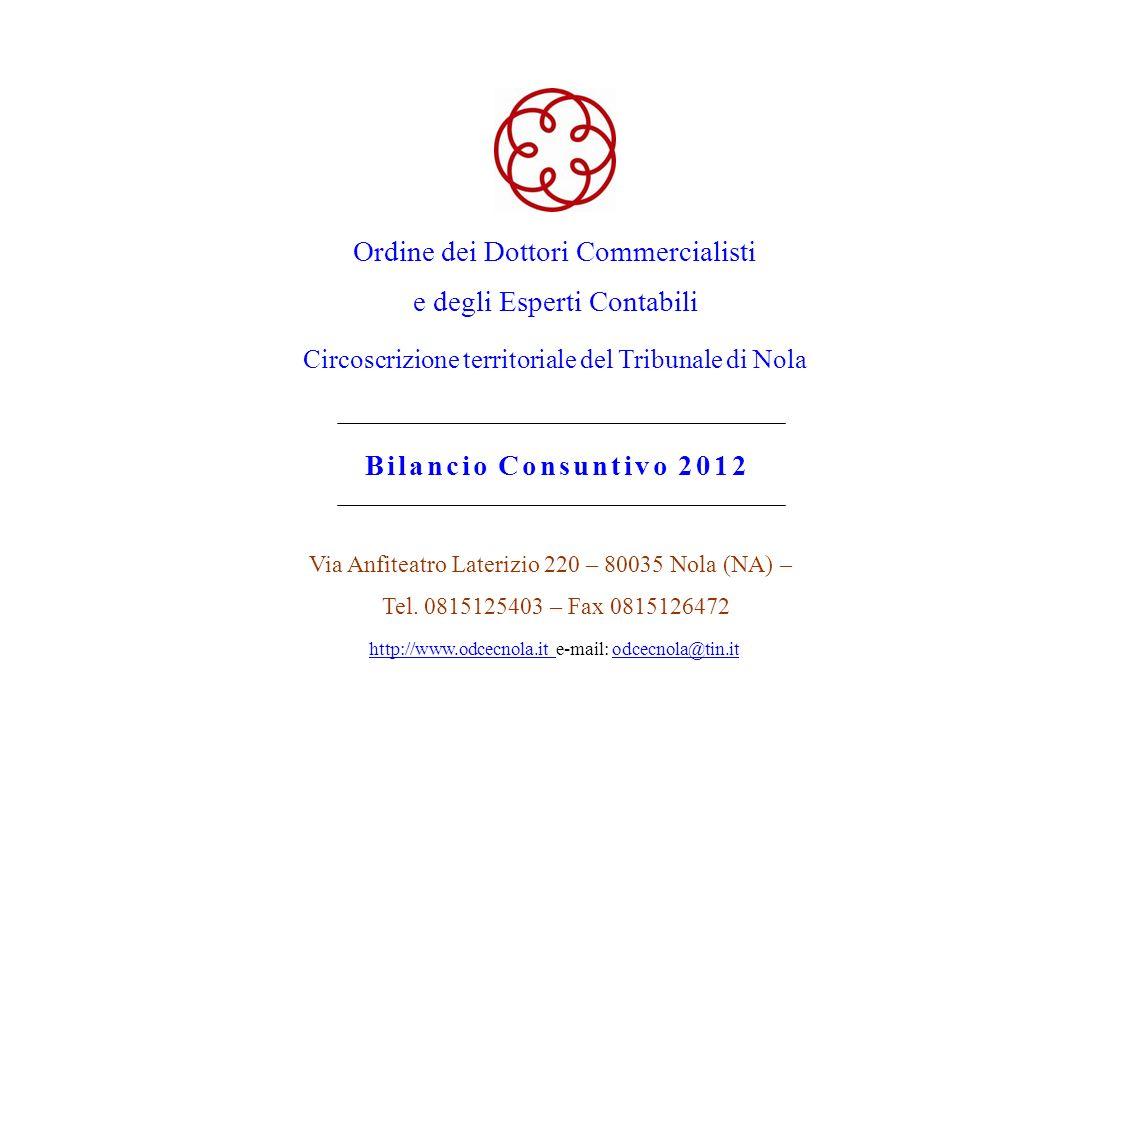 Ordine dei Dottori Commercialisti e degli Esperti Contabili Circoscrizione territoriale del Tribunale di Nola Bilancio Consuntivo 2012 Via Anfiteatro